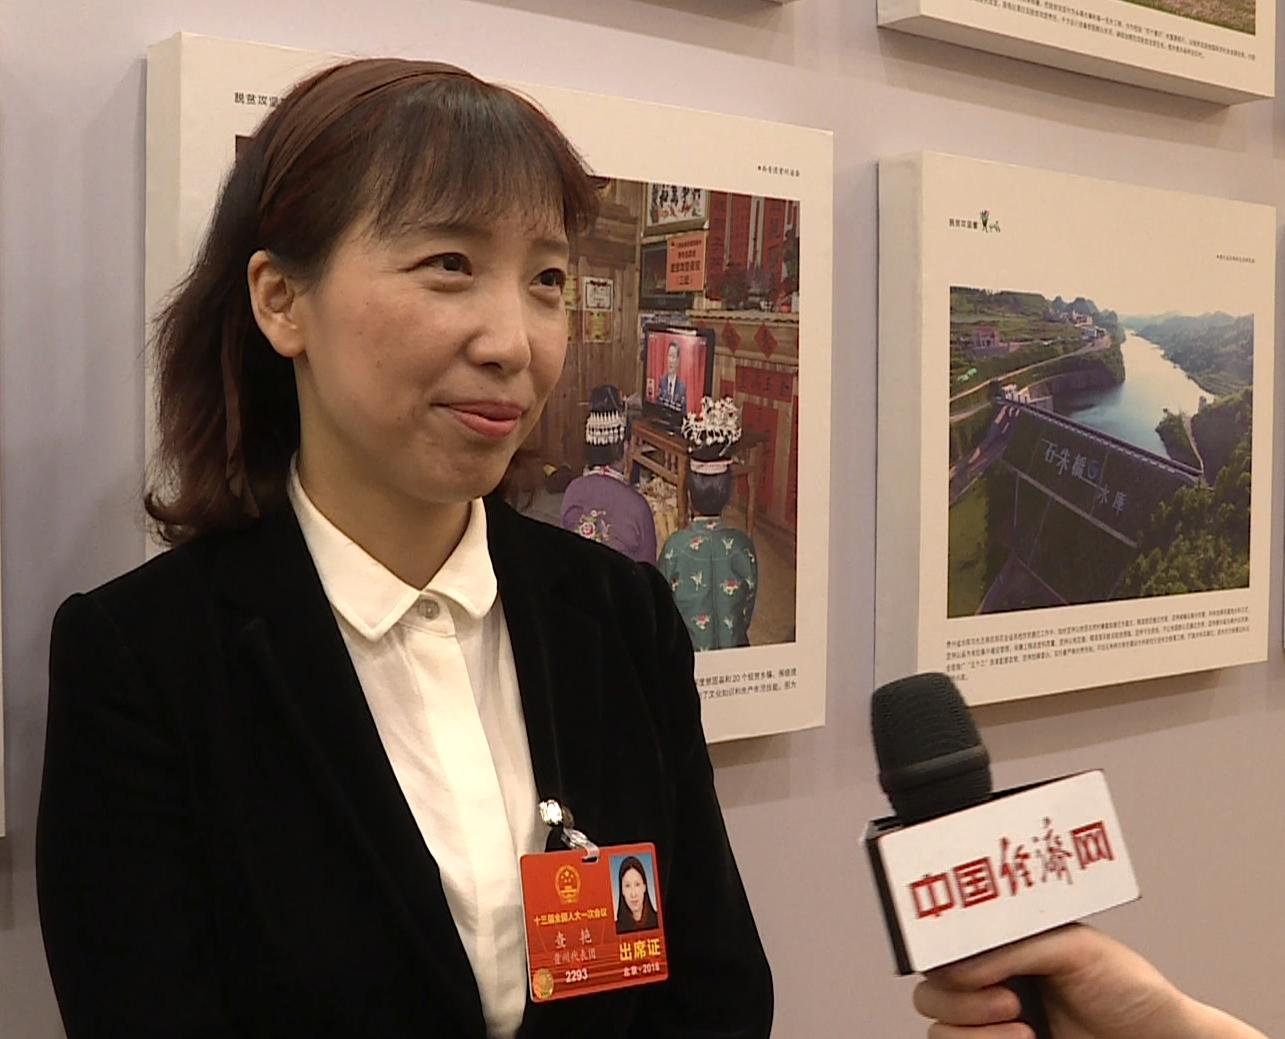 查艳:贵州实施四重医保制度 建议以医疗扶贫